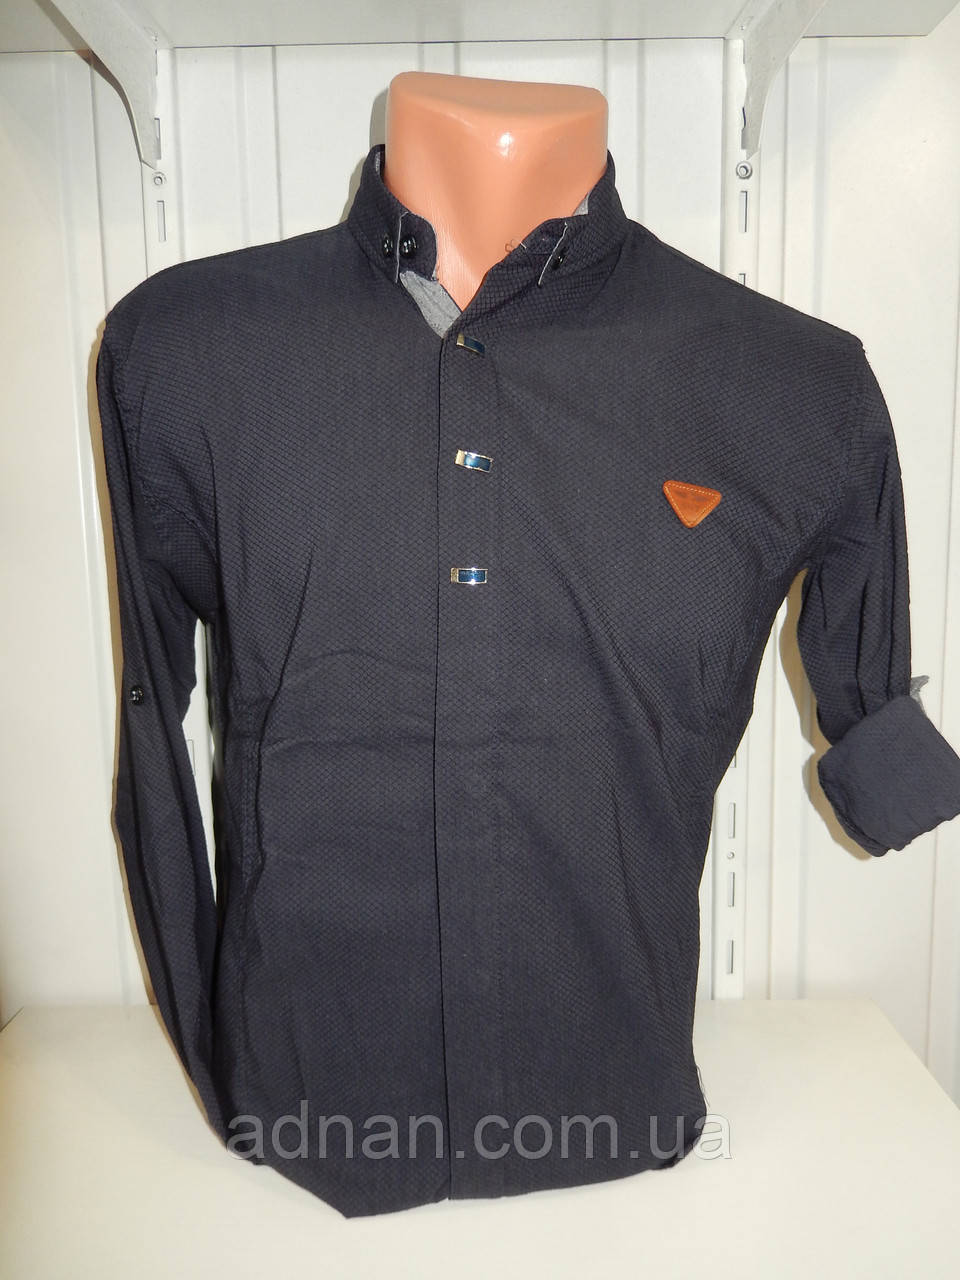 Рубашка мужская SPORT длинный рукав, мелкий узор, стрейч 009 \ купить рубашку